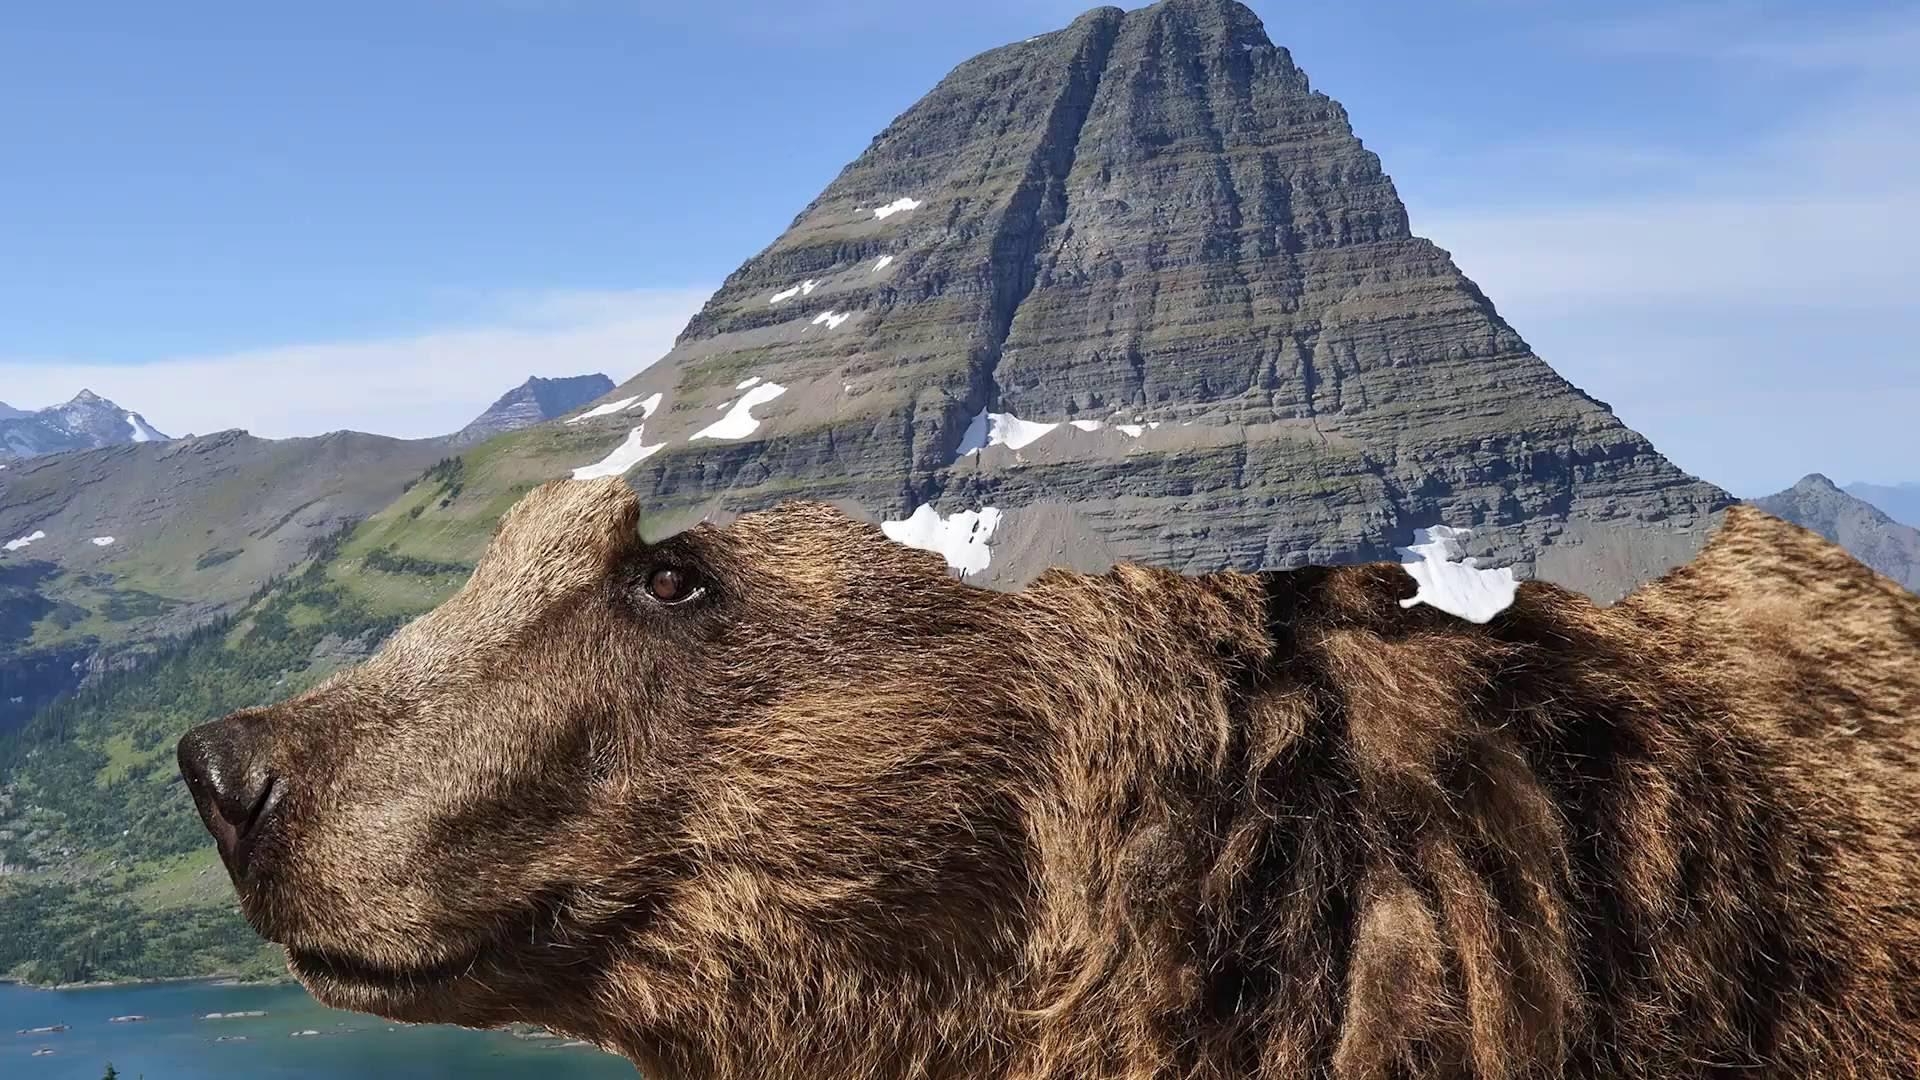 「絕美景致!三分鐘帶你遊覽壯闊的美國國家公園」- One-Day Guide to US National Parks